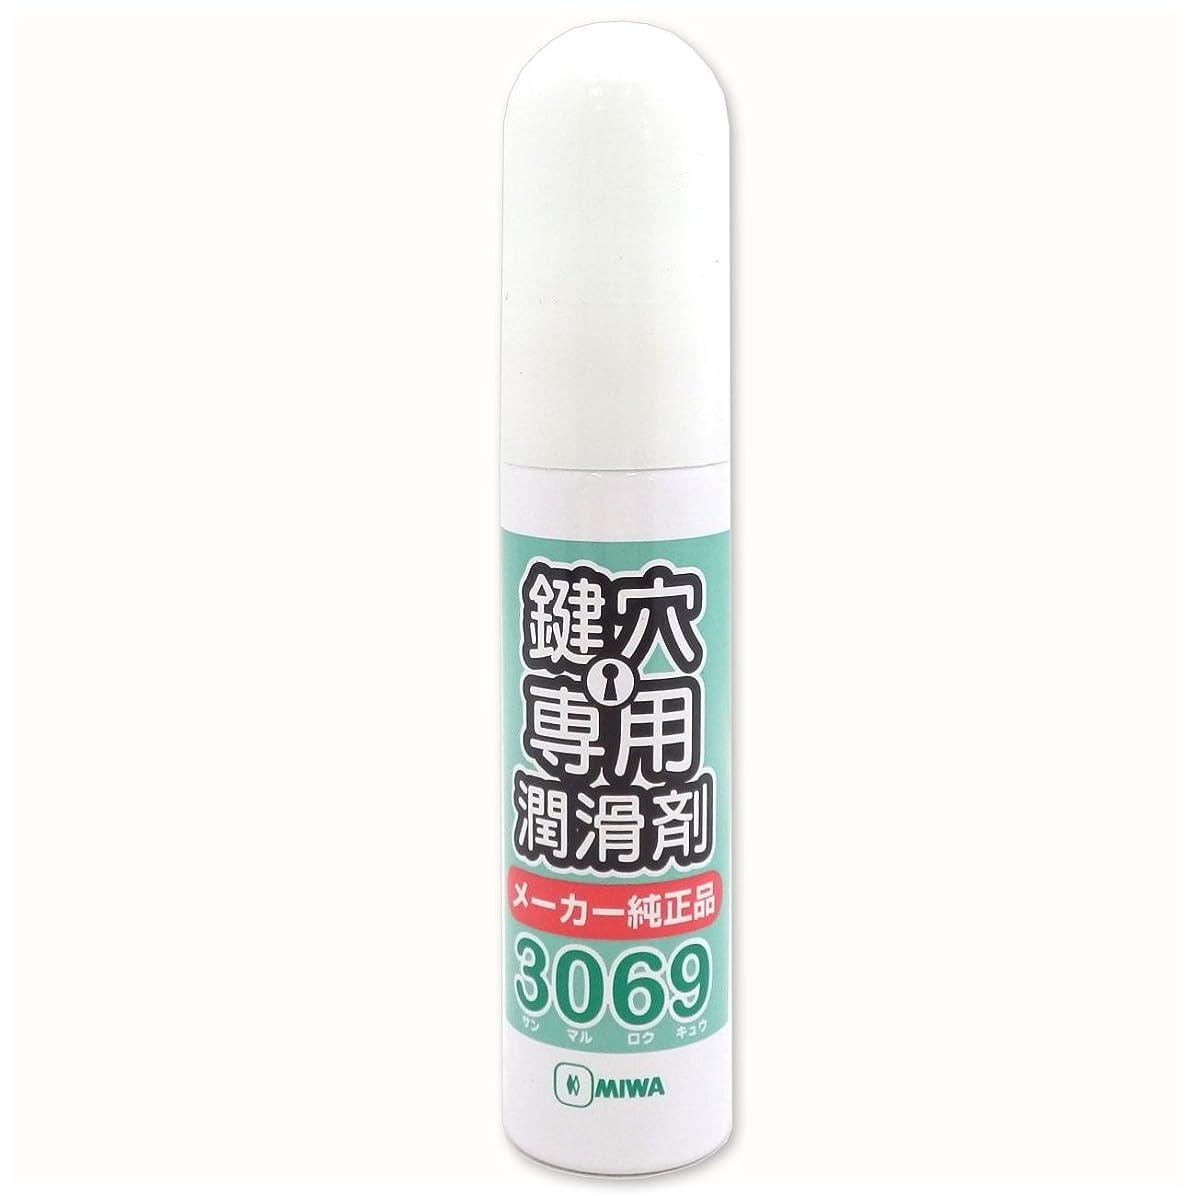 インディカ認識プレゼン美和ロック(MIWA) 純正 鍵穴専用潤滑剤 スプレー 3069S プロ仕様 12ml